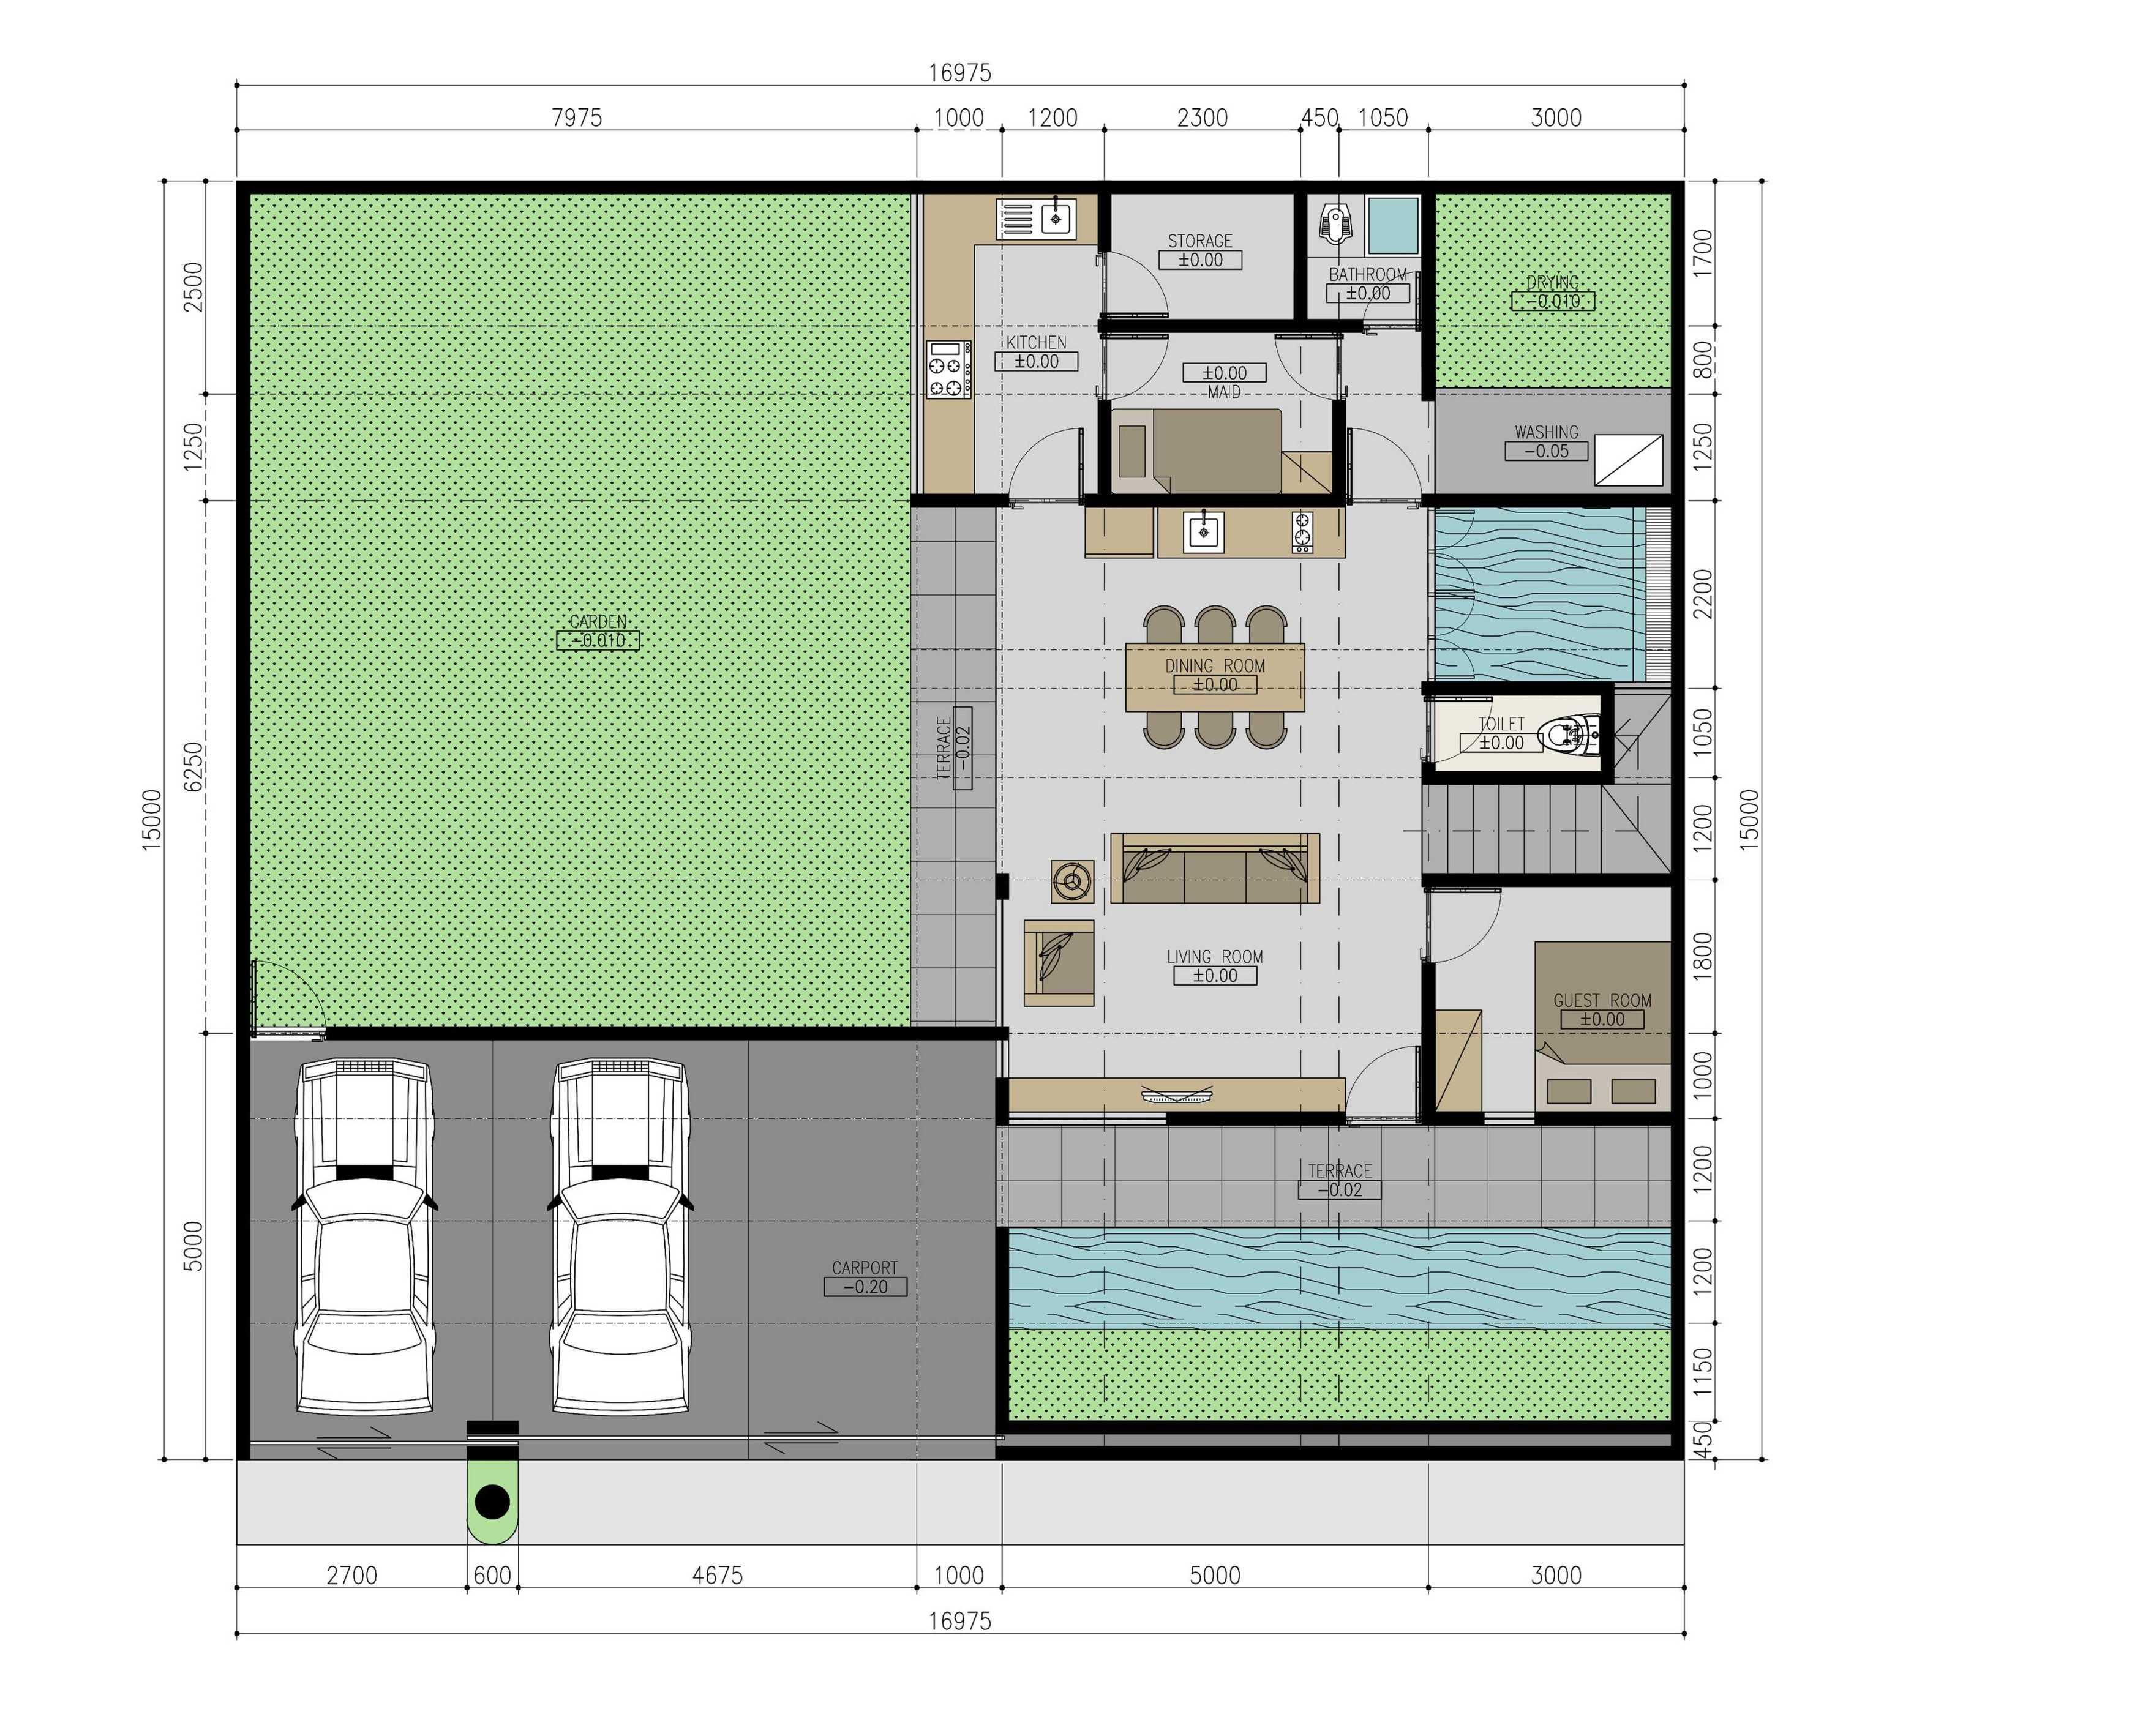 Mahastudio & Partner Renovasi Rumah Beiji Depok City, West Java, Indonesia Depok City, West Java, Indonesia Denah Lt.1 Tropis  33339